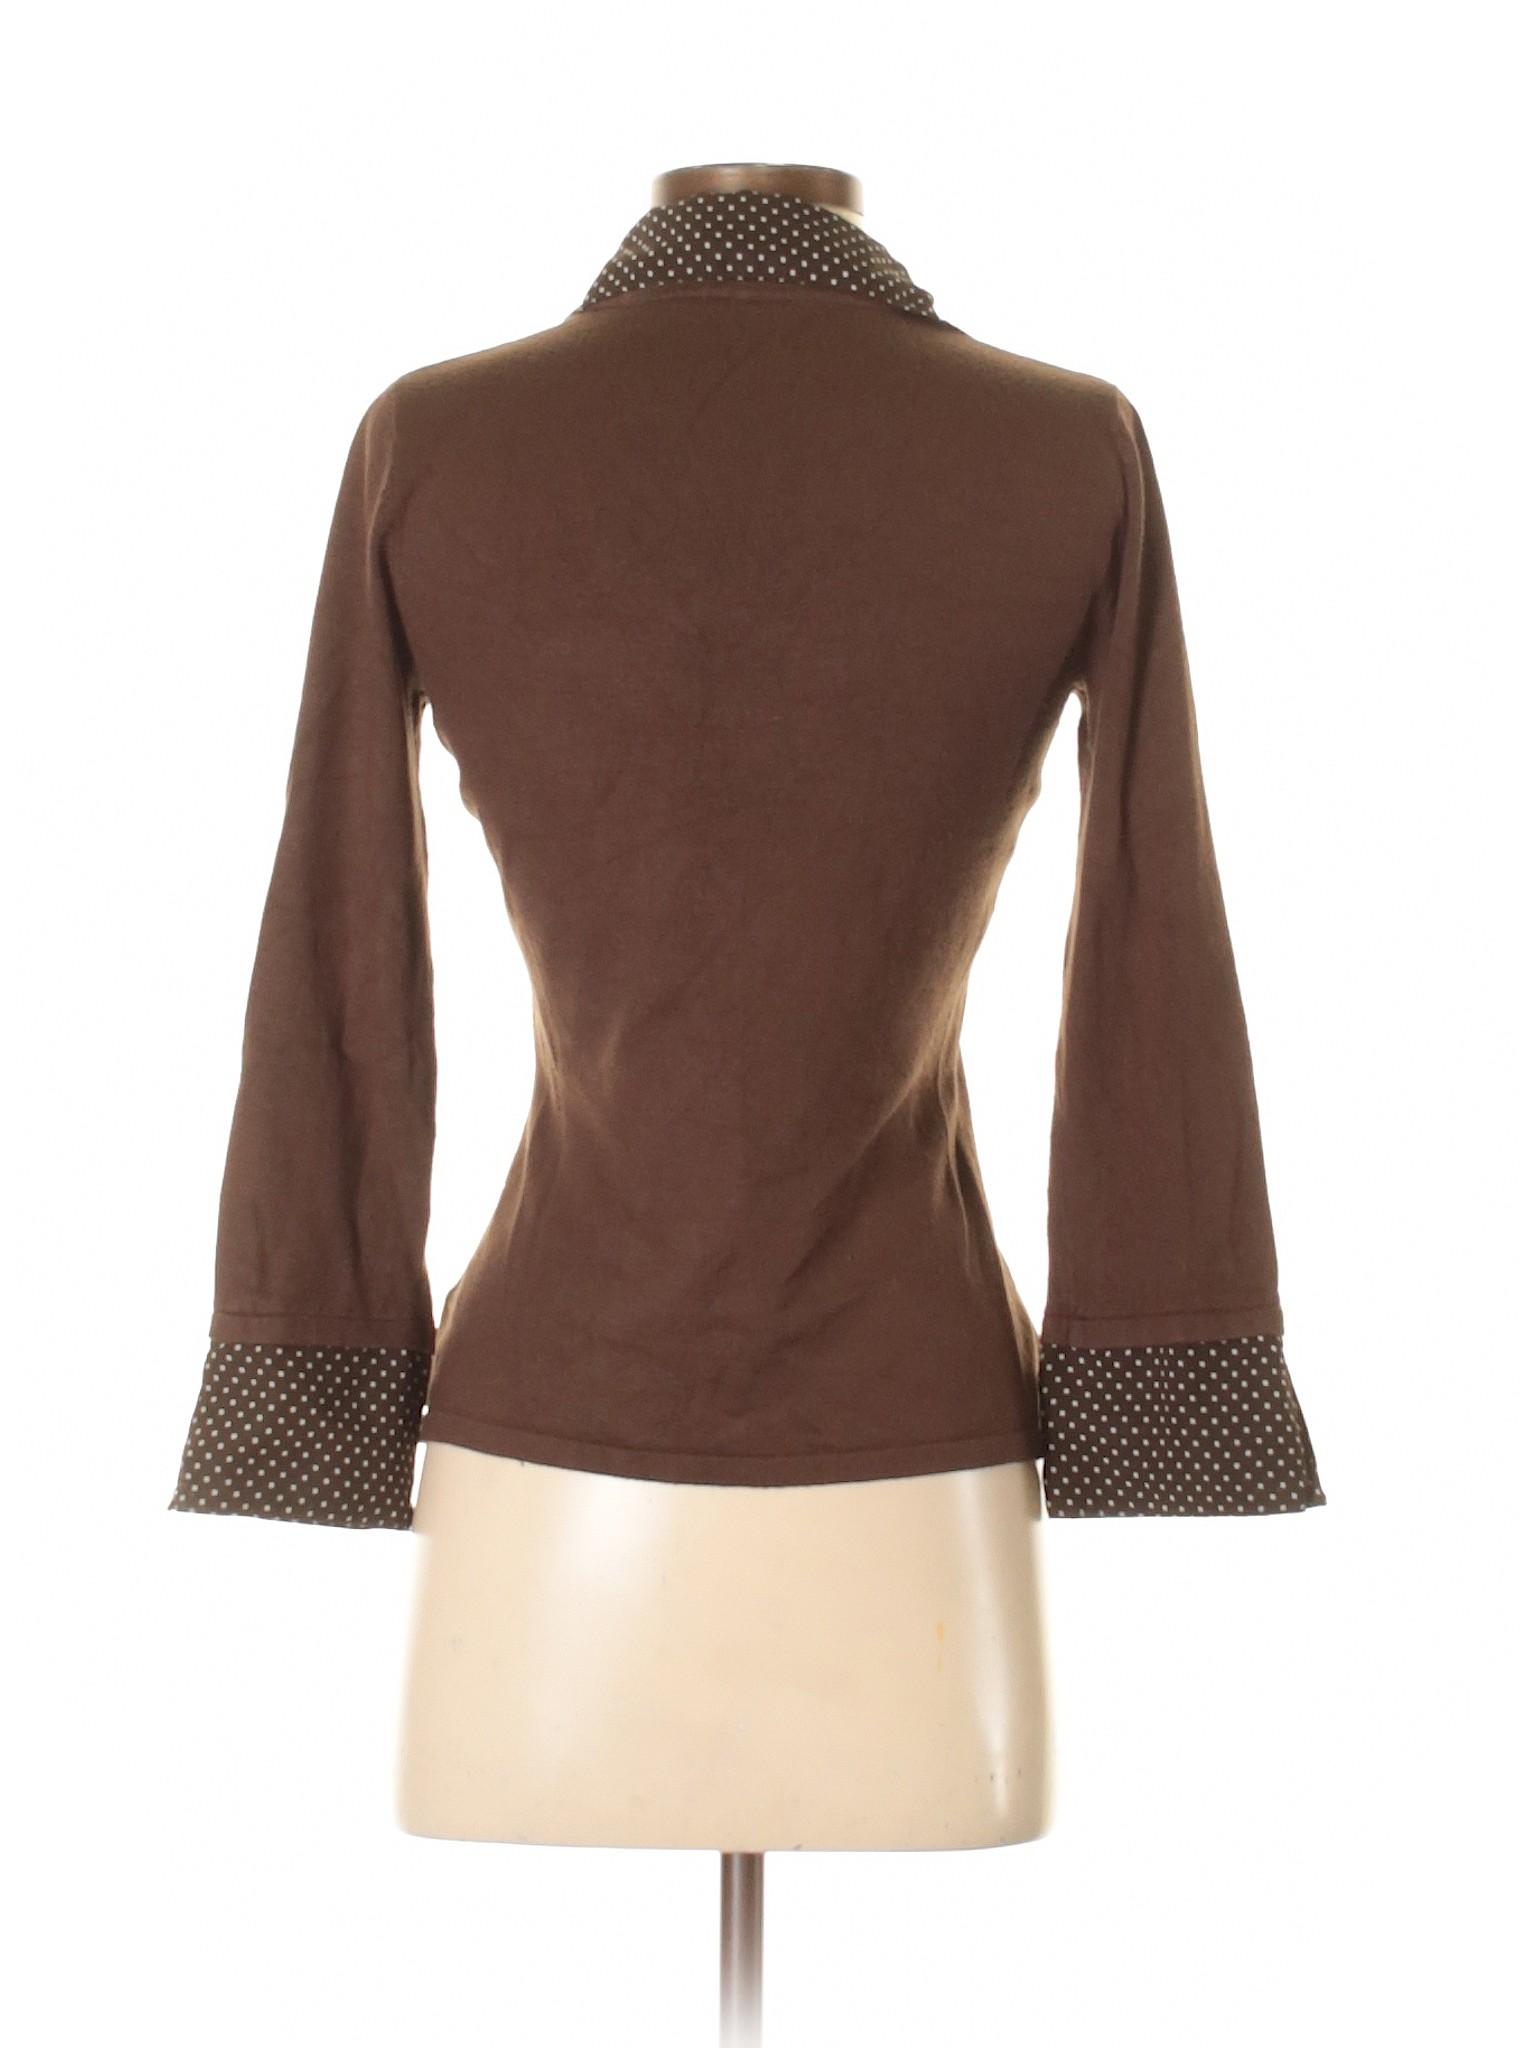 Pullover Boutique Apt Boutique 9 Sweater Apt x4T0nqp